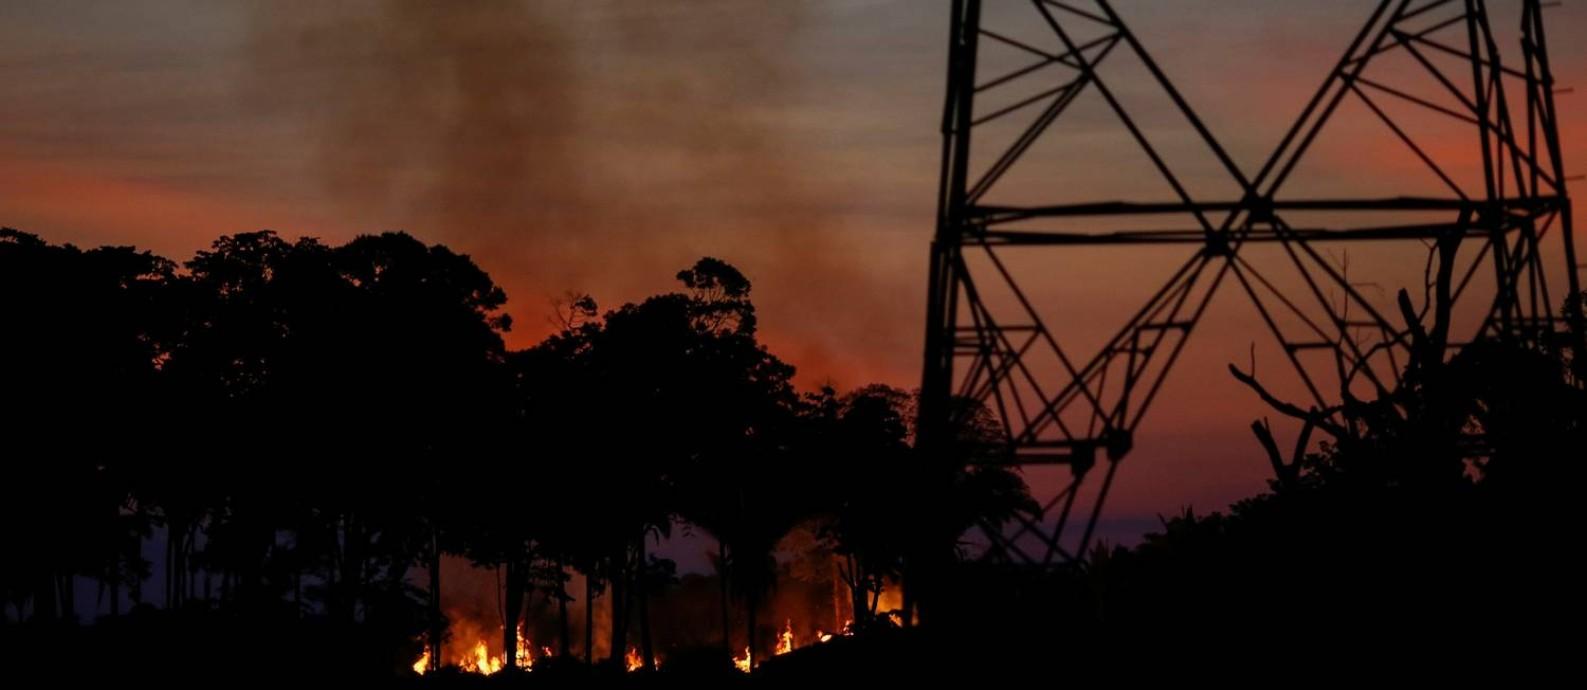 Incêndio florestal em Roraima: cálculo abre brecha para o Brasil manter desmatamento anual alto Foto: Adriano Machado / Reuters